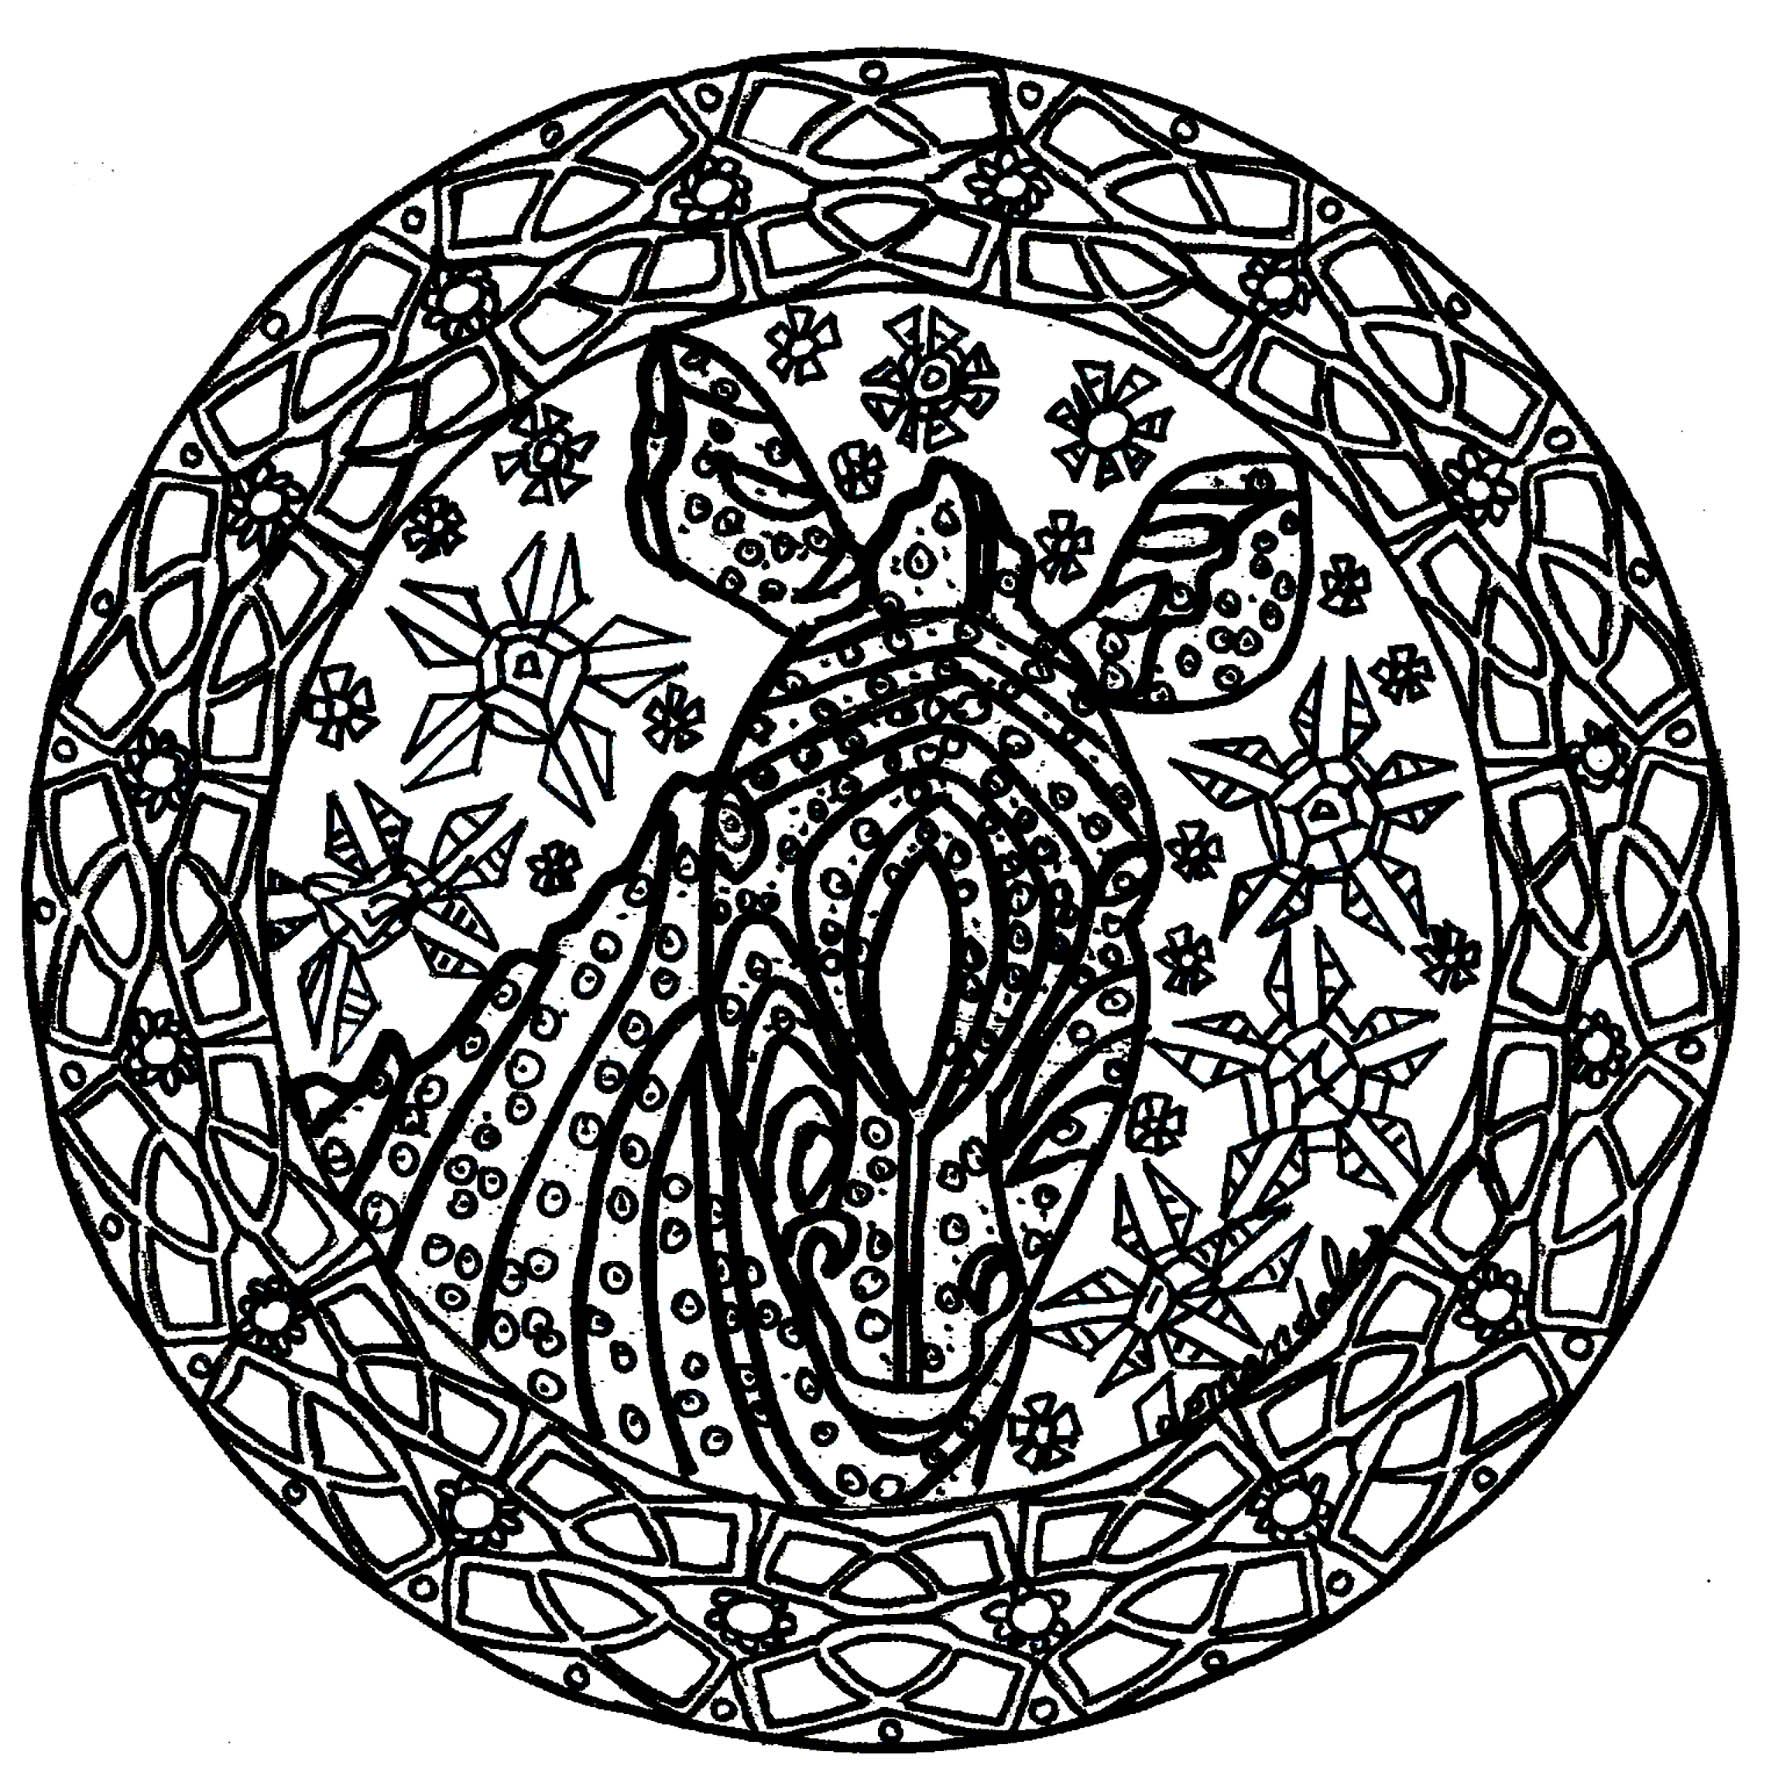 Difficult Mandalas (for adults) - 100% Mandalas Zen & Anti-stress